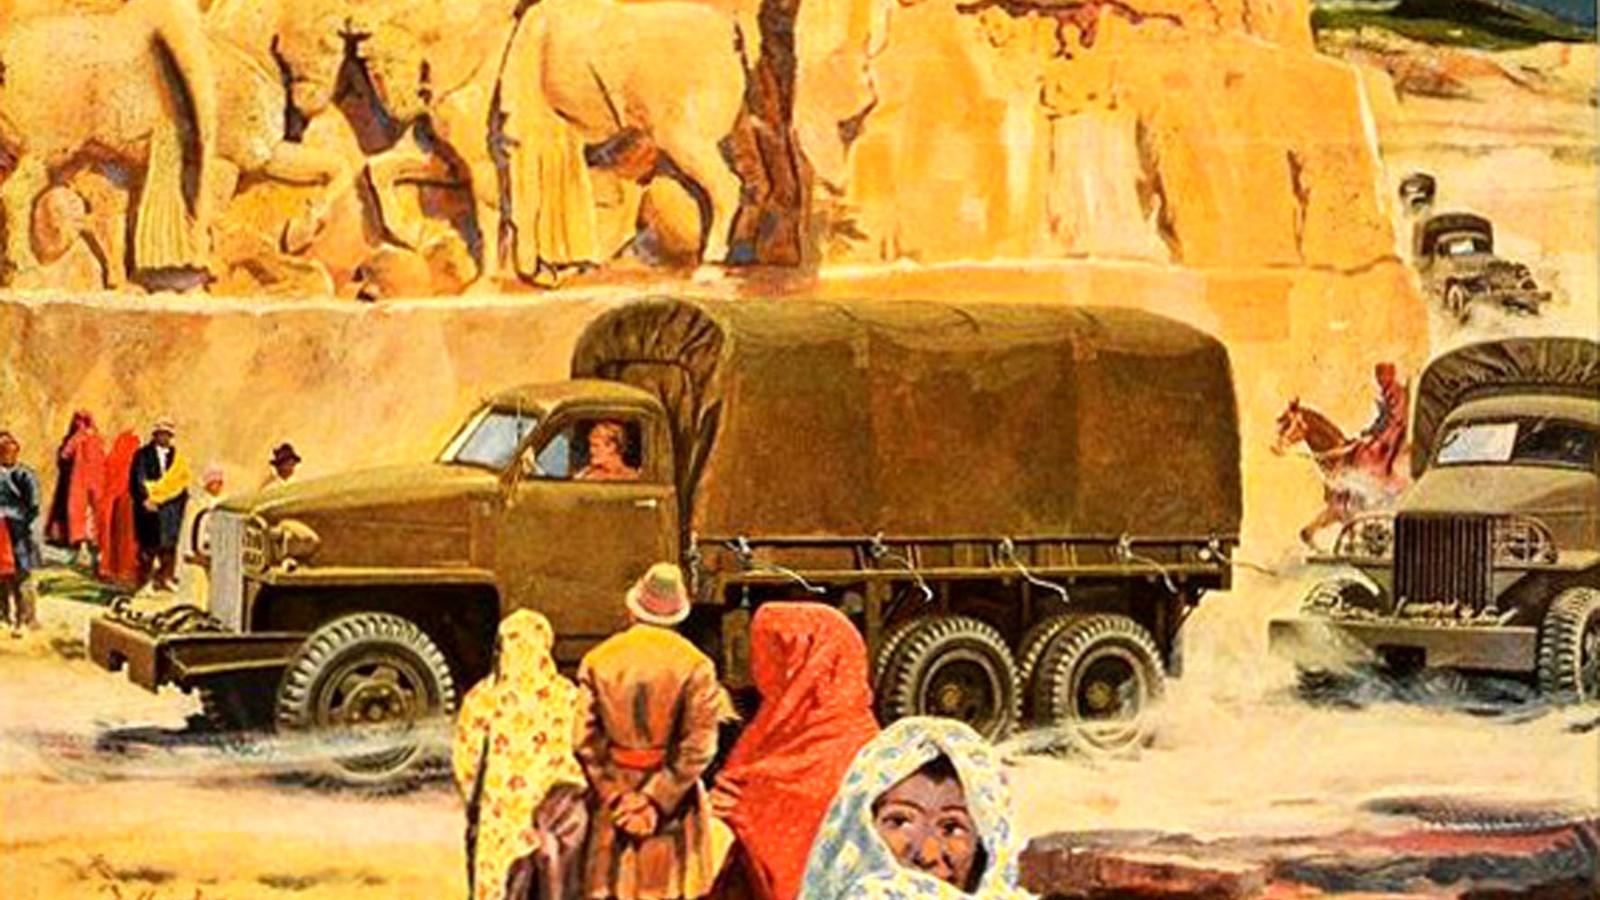 Эта картинка, видимо, посвящена машинам Studebaker, поступавшим в Китай